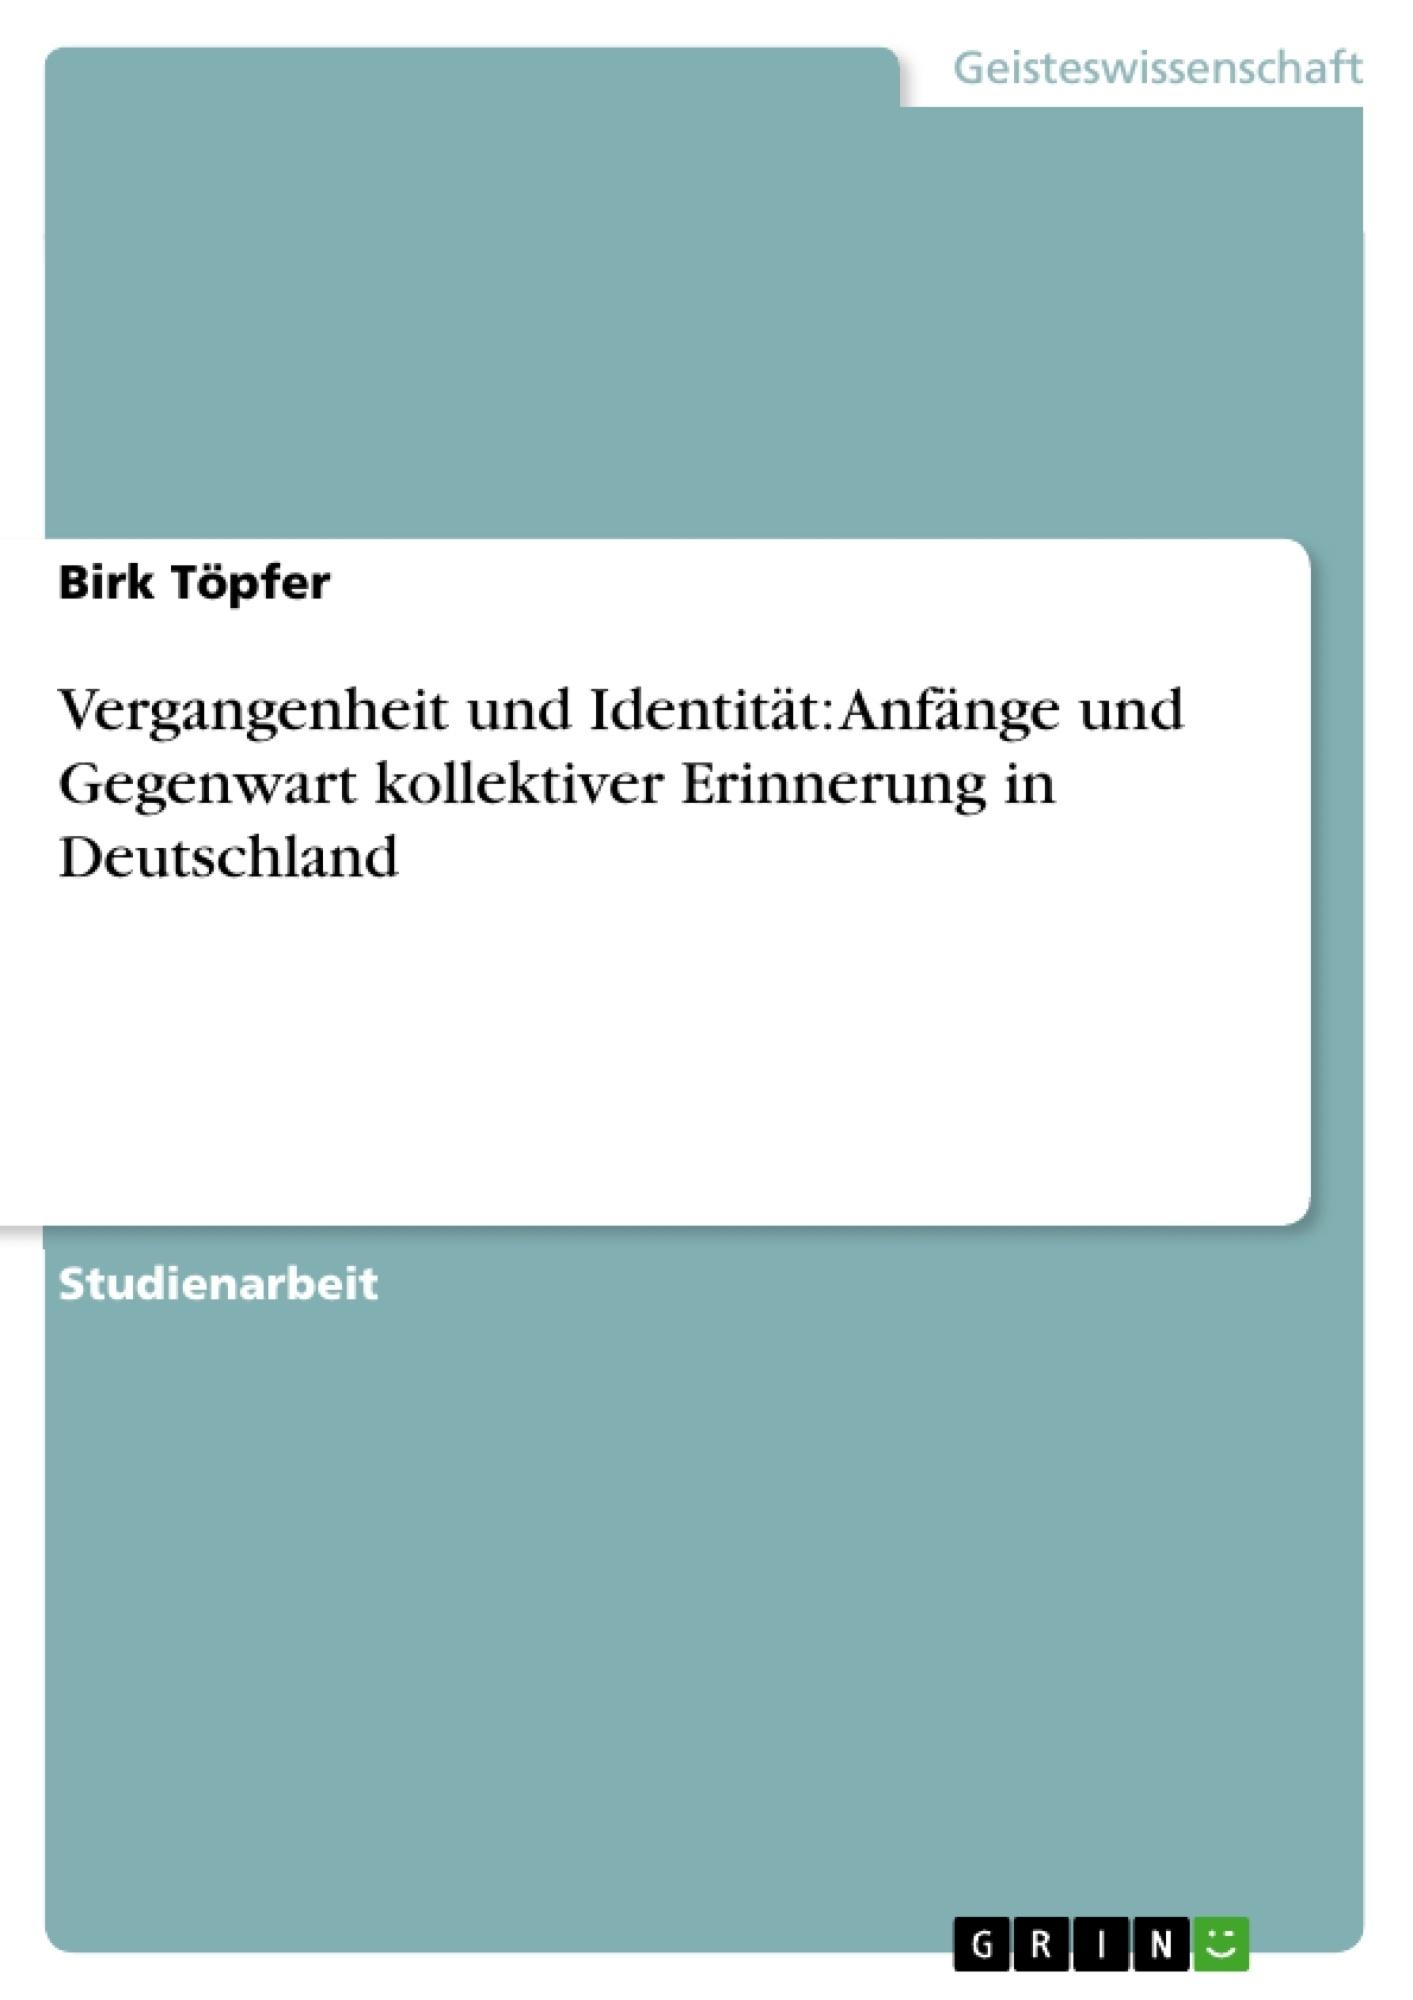 Titel: Vergangenheit und Identität: Anfänge und Gegenwart kollektiver Erinnerung in Deutschland